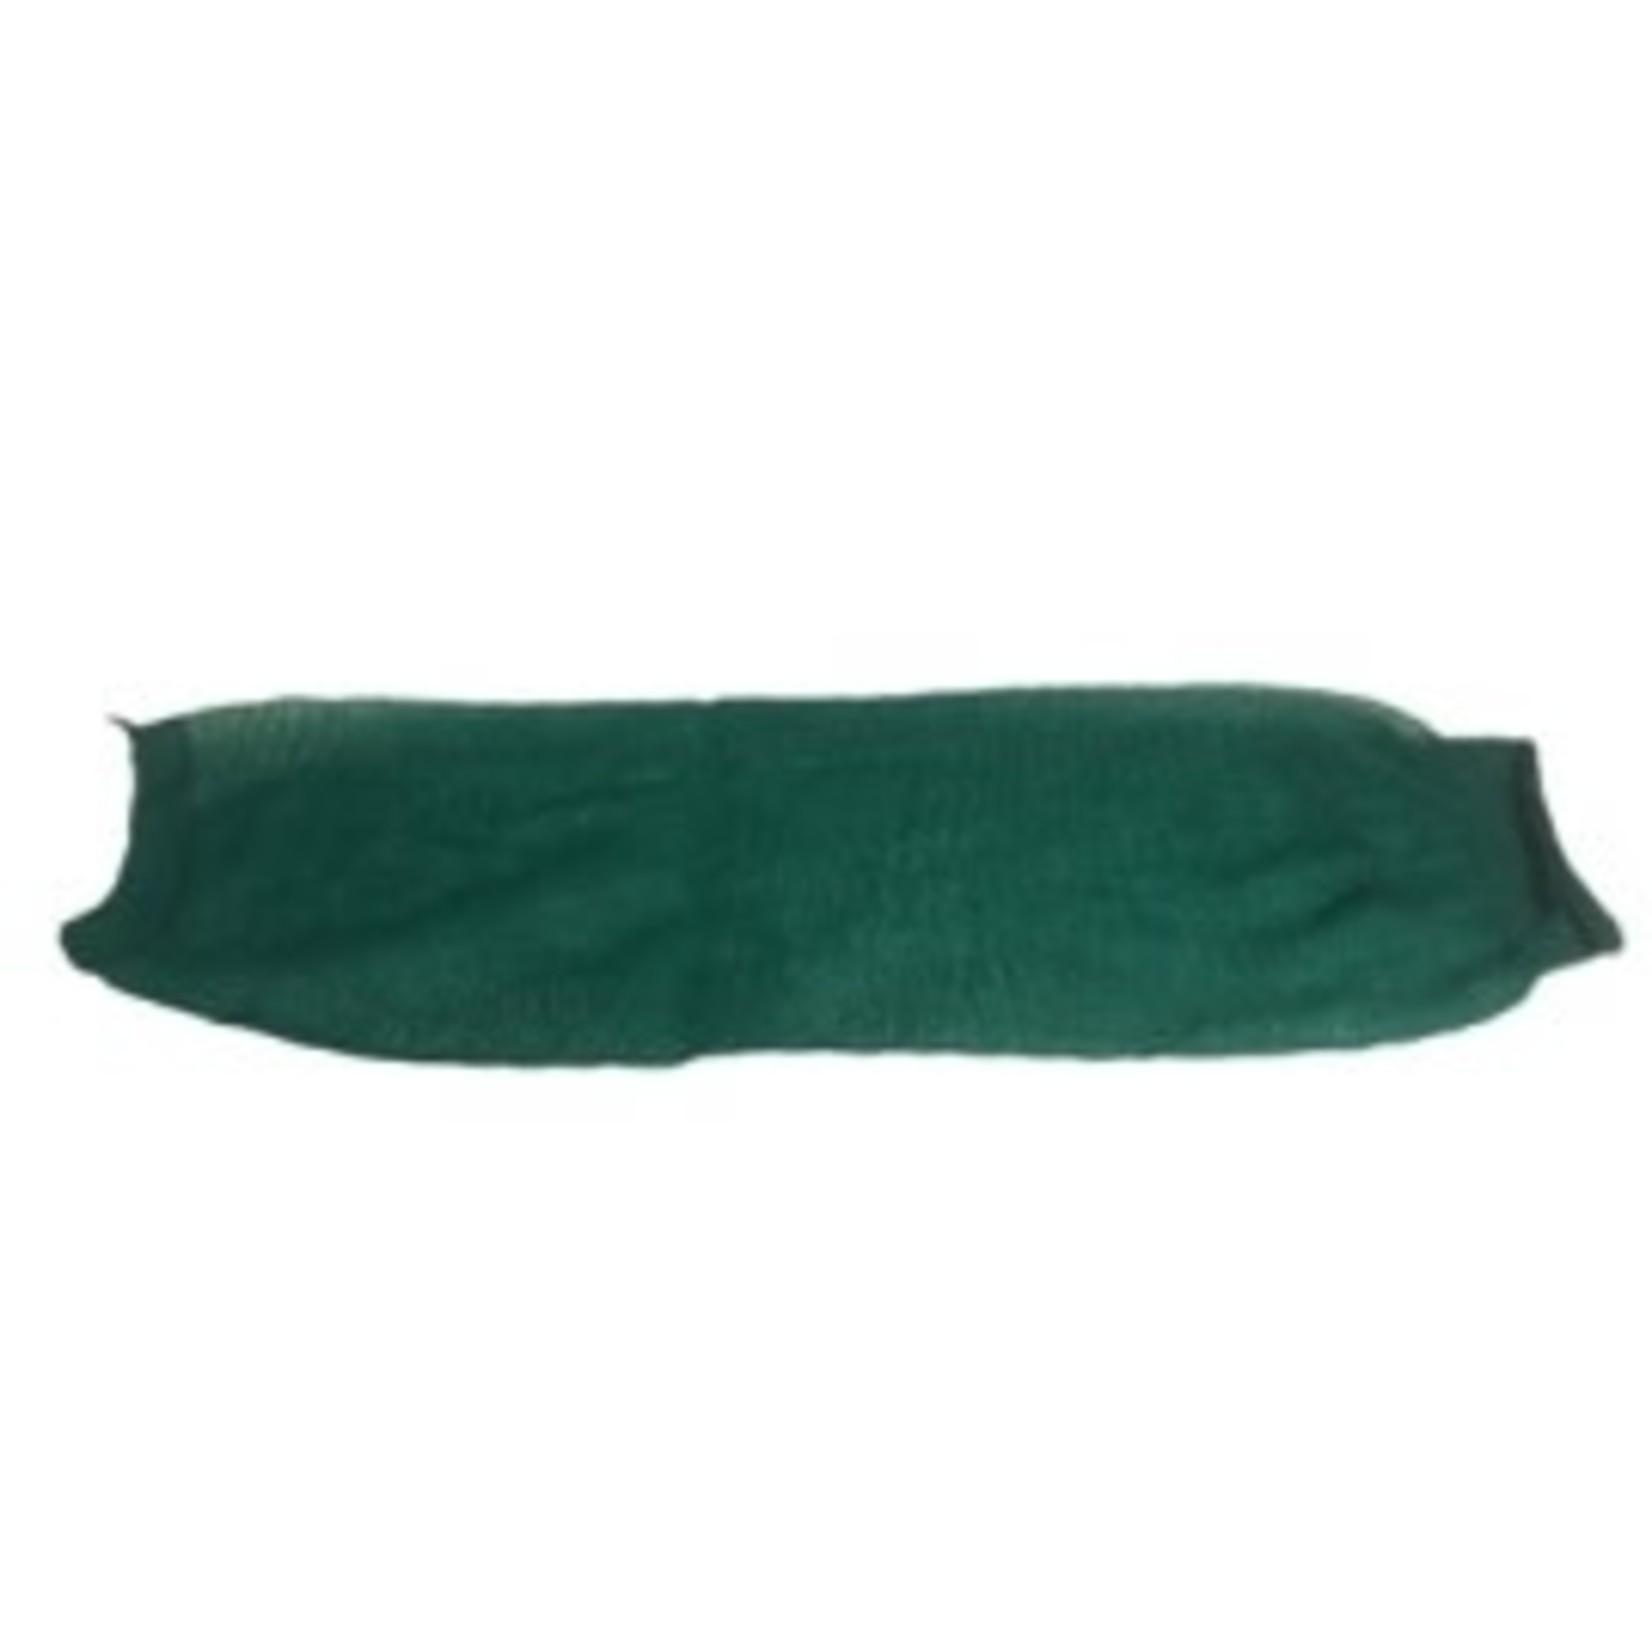 JBL FILET vert GM large maille (sous sachet)